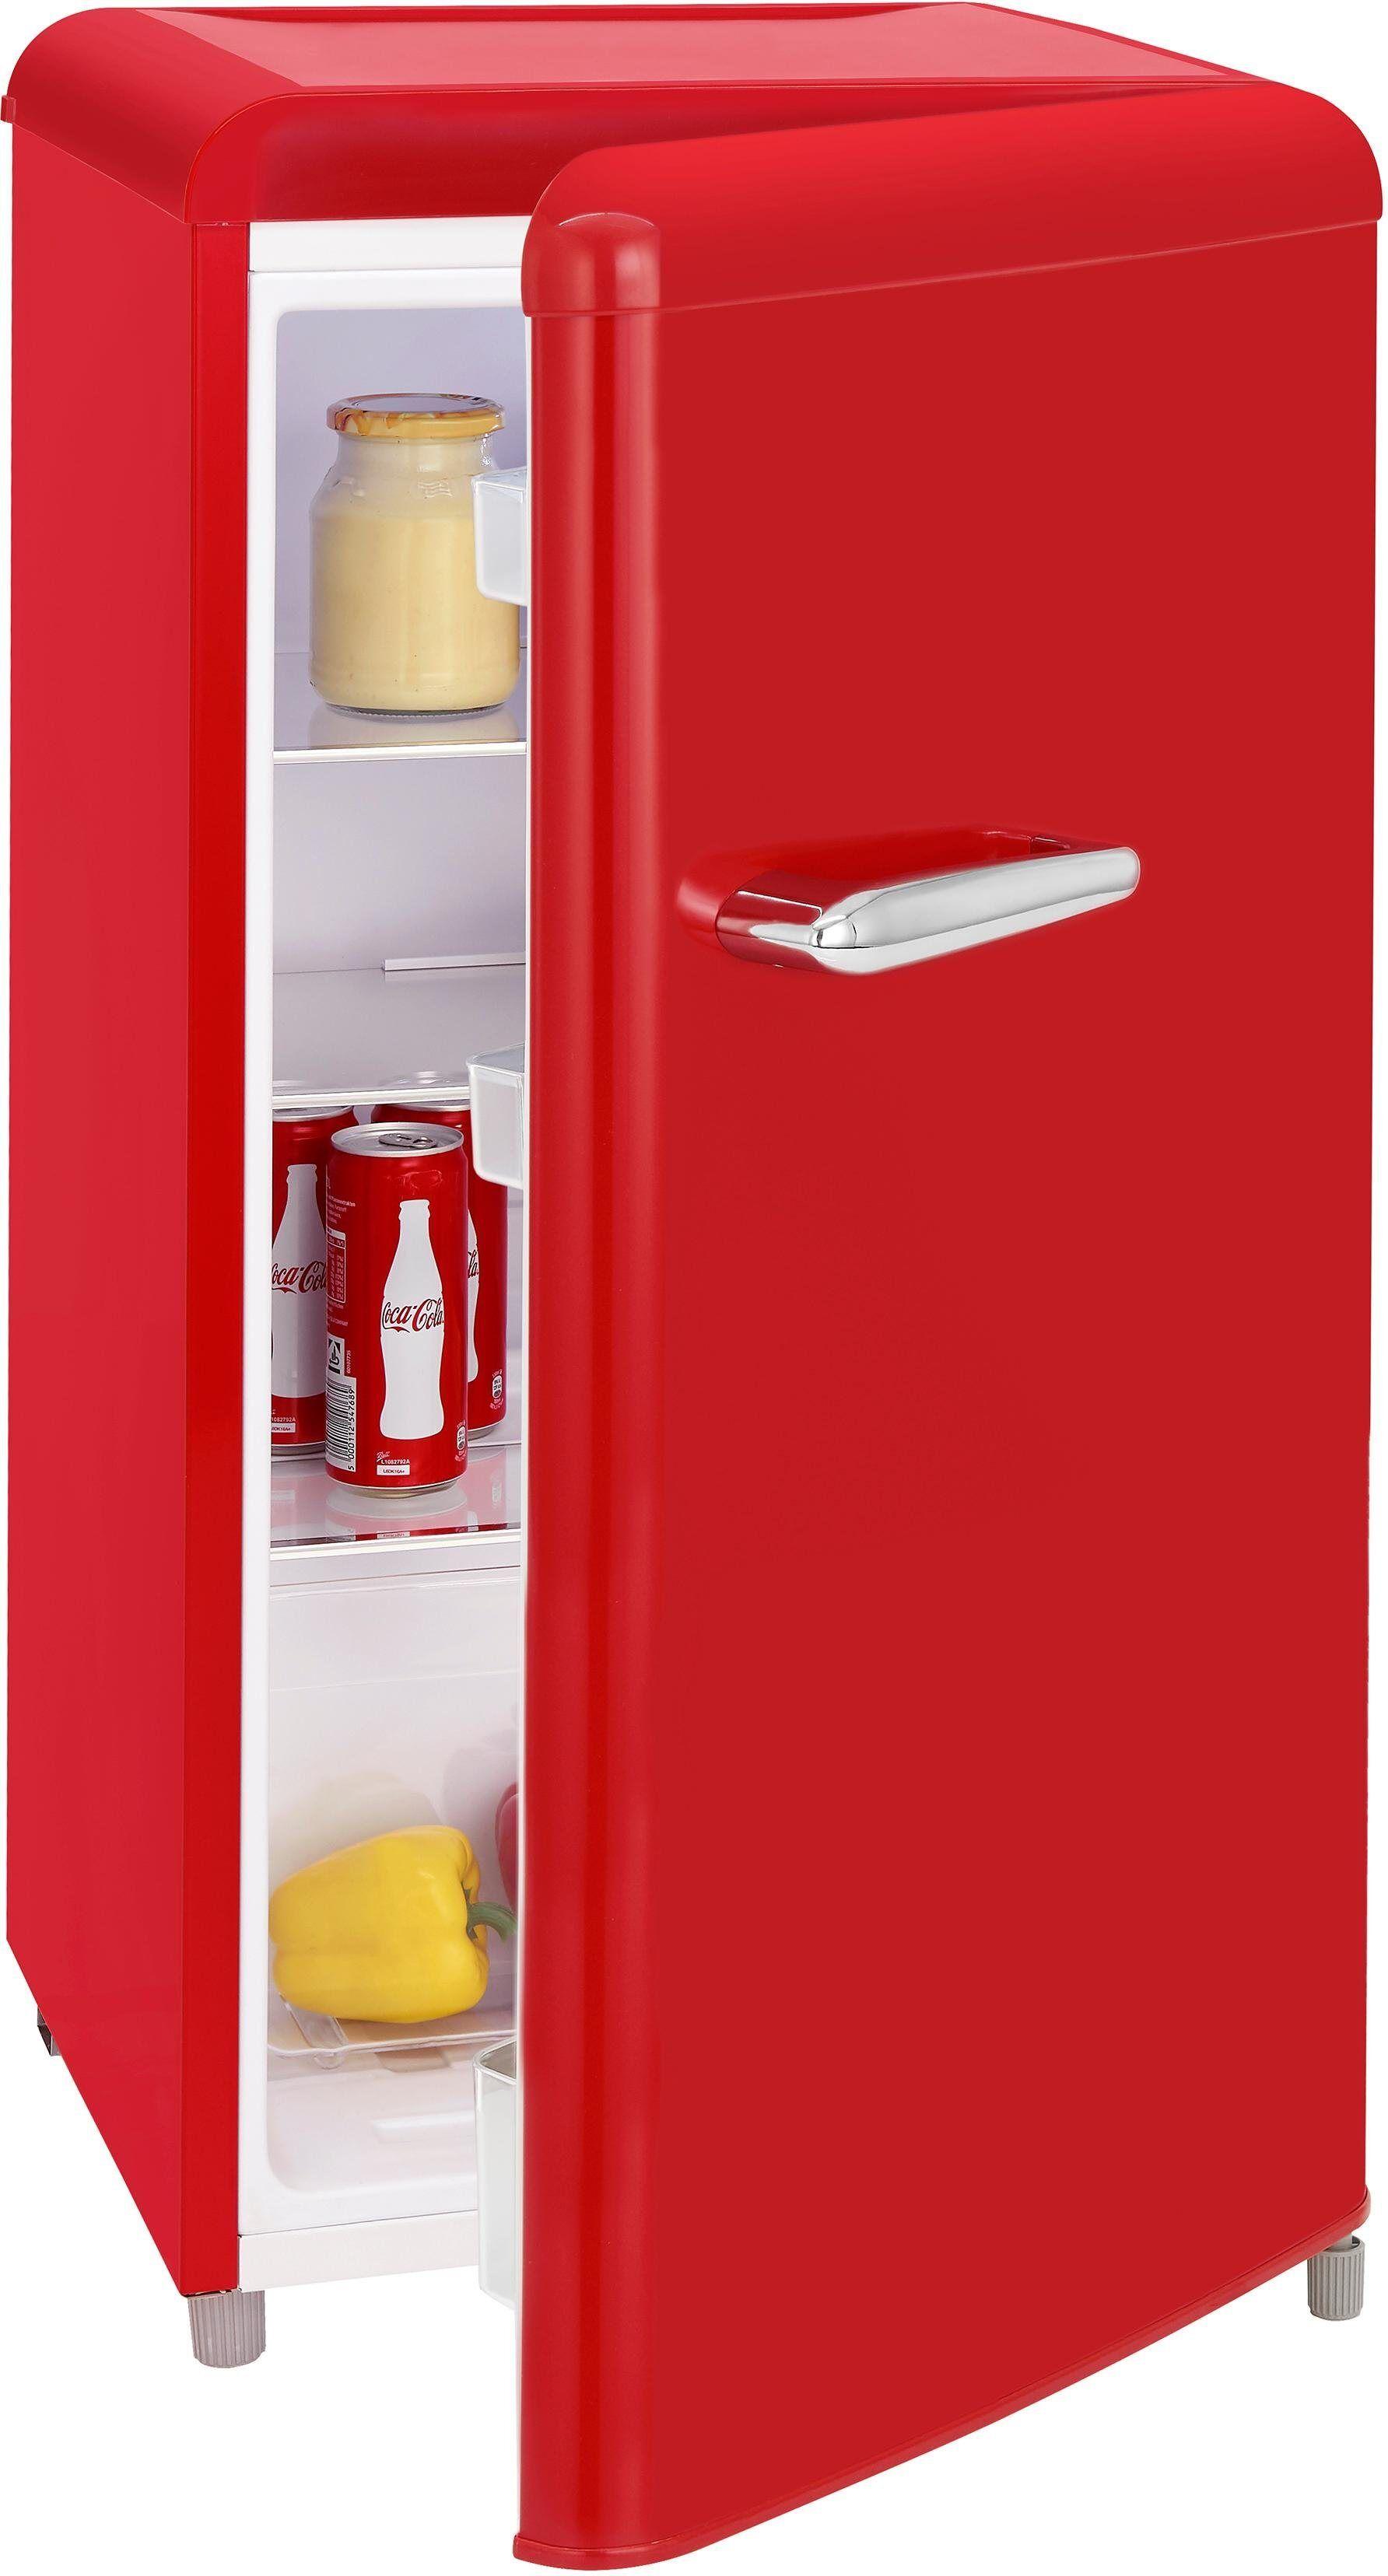 exquisit Table Top Kühlschrank RKS 100-16 RVA++ Rot, 90,5 cm hoch, 48 cm breit, Retro, rot, Energieeffizienzklasse A++